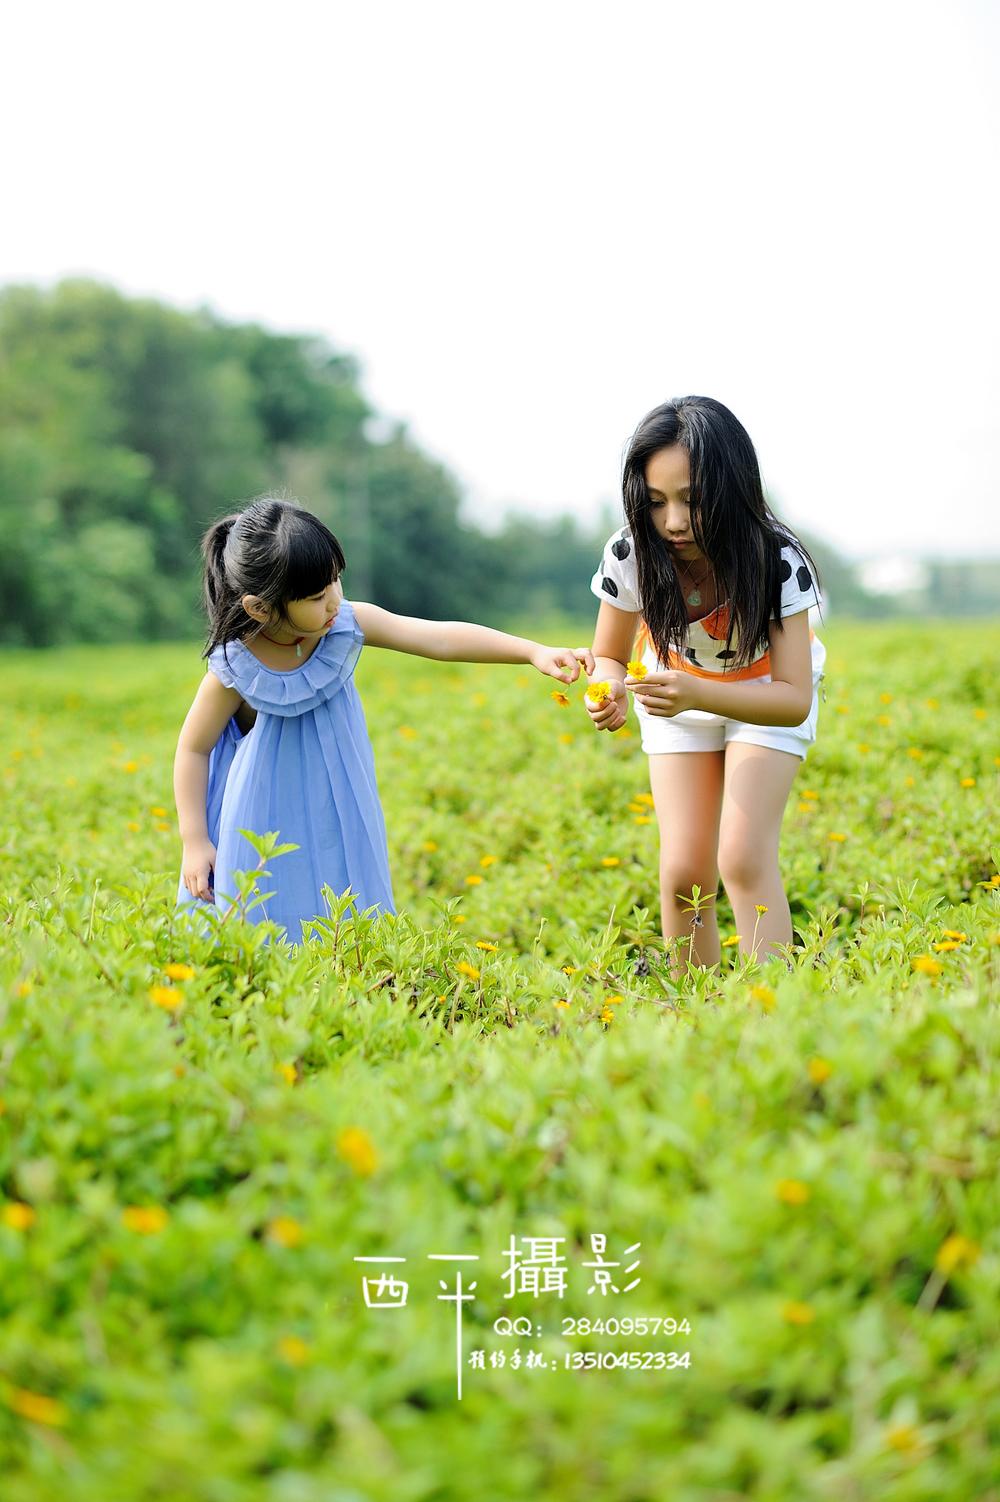 黑光论坛 69 作品欣赏 69 儿童摄影作品 69 公园外景   &nbsp